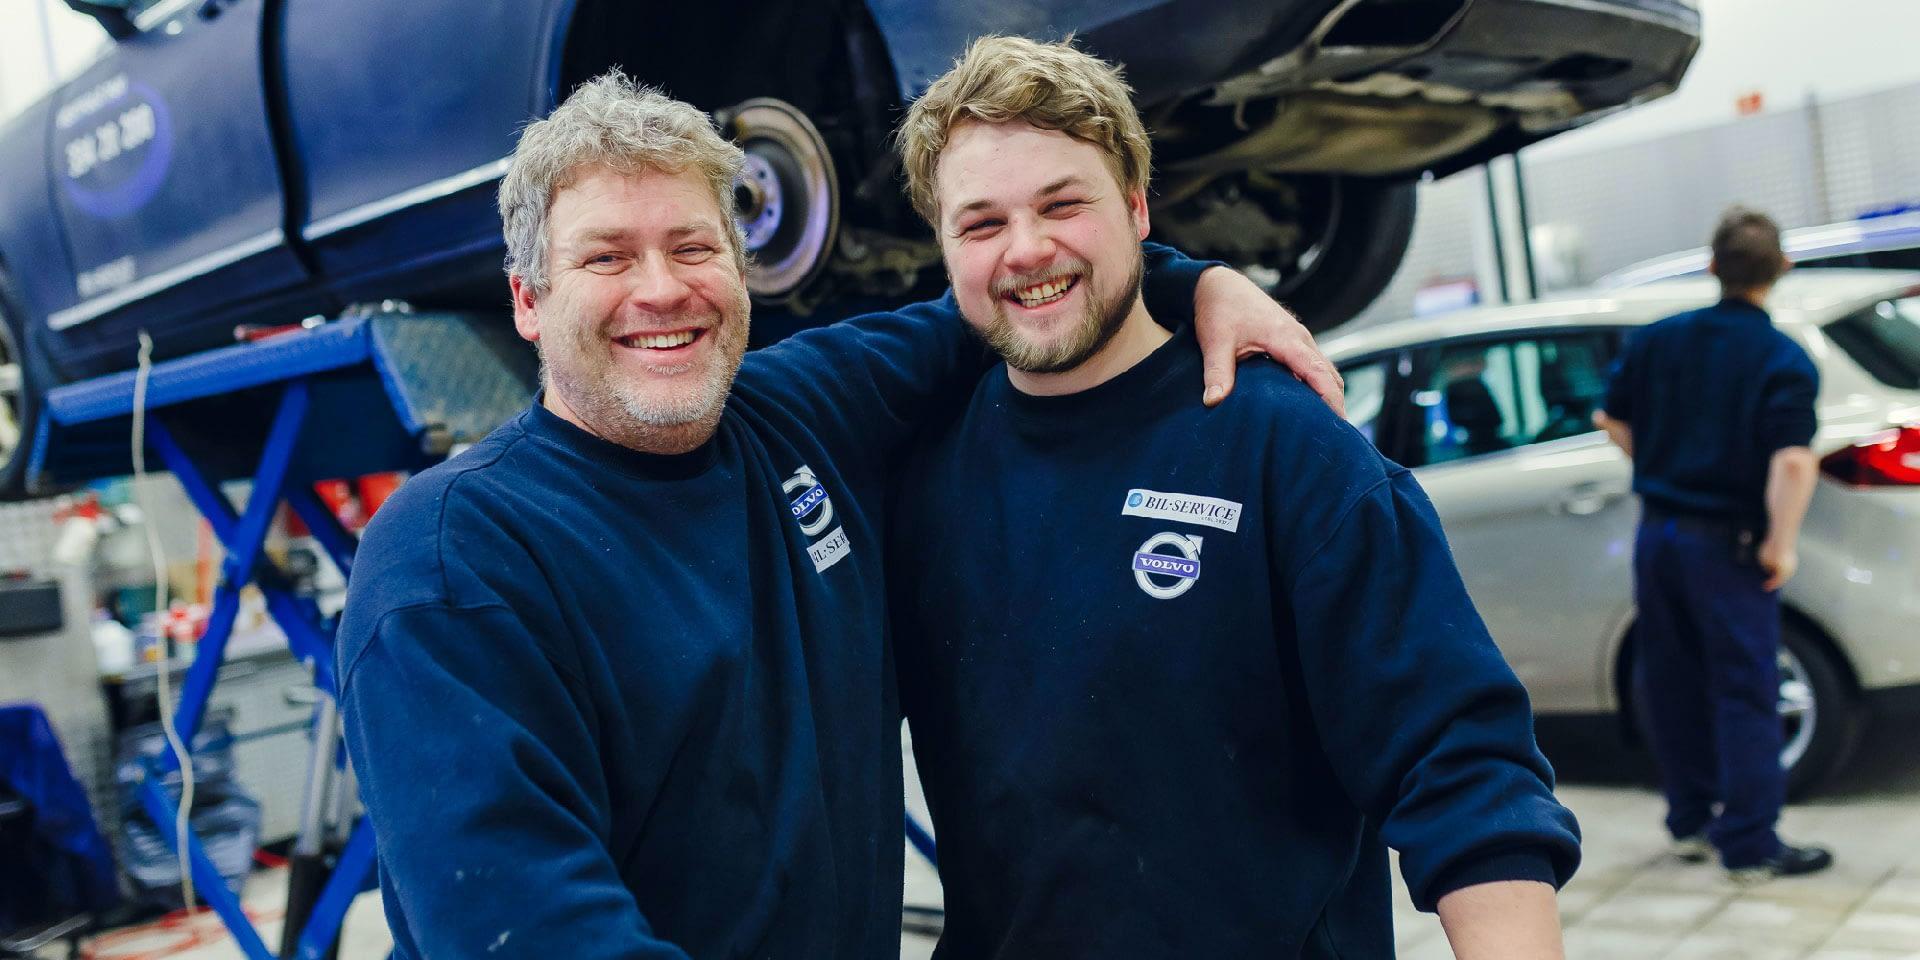 Glade ansatte hos Bilservice bilSpiten som jobber på verksted med service av bilder